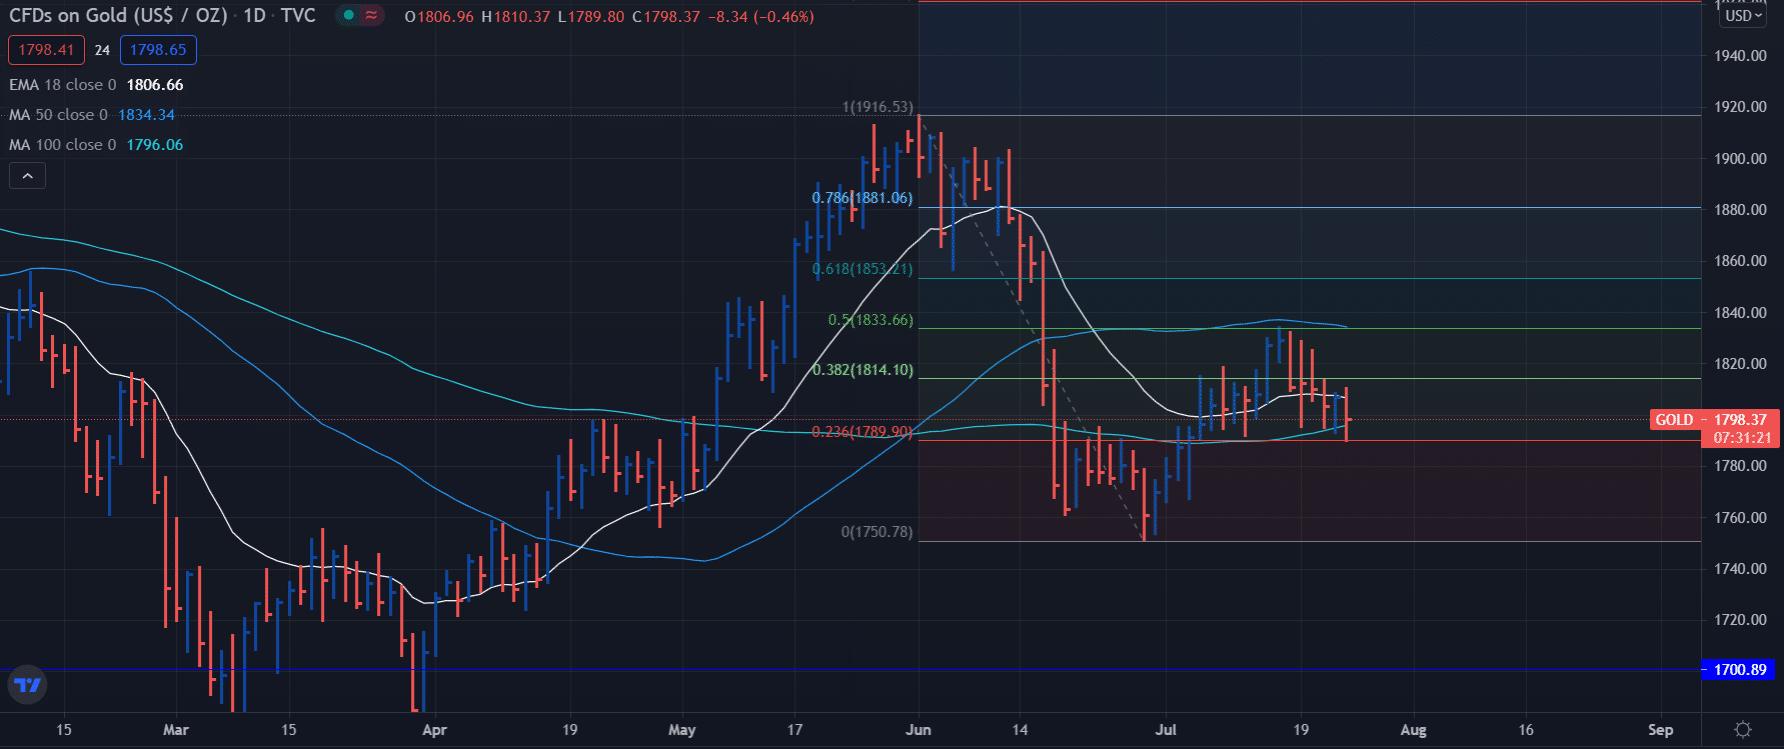 Gold price daily chart analysis